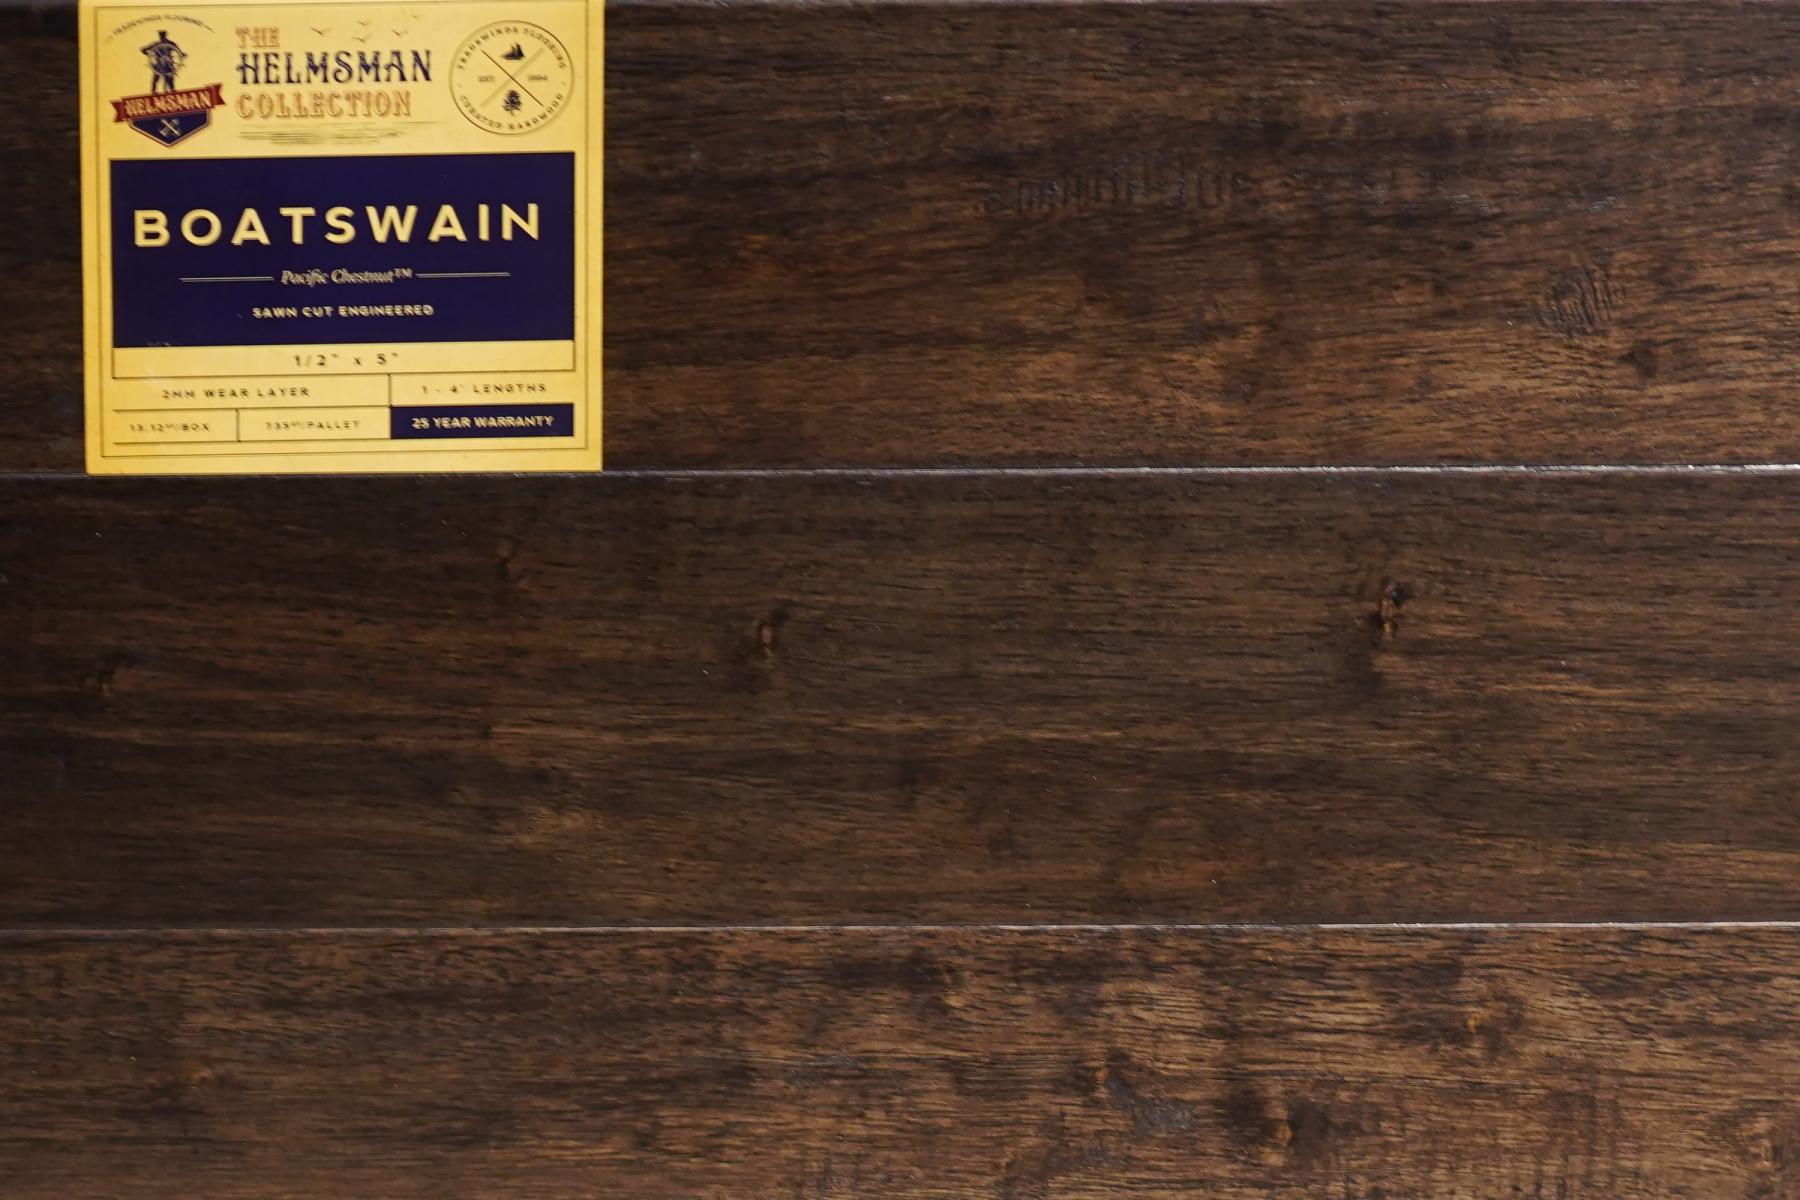 Helmsman - Boatswain